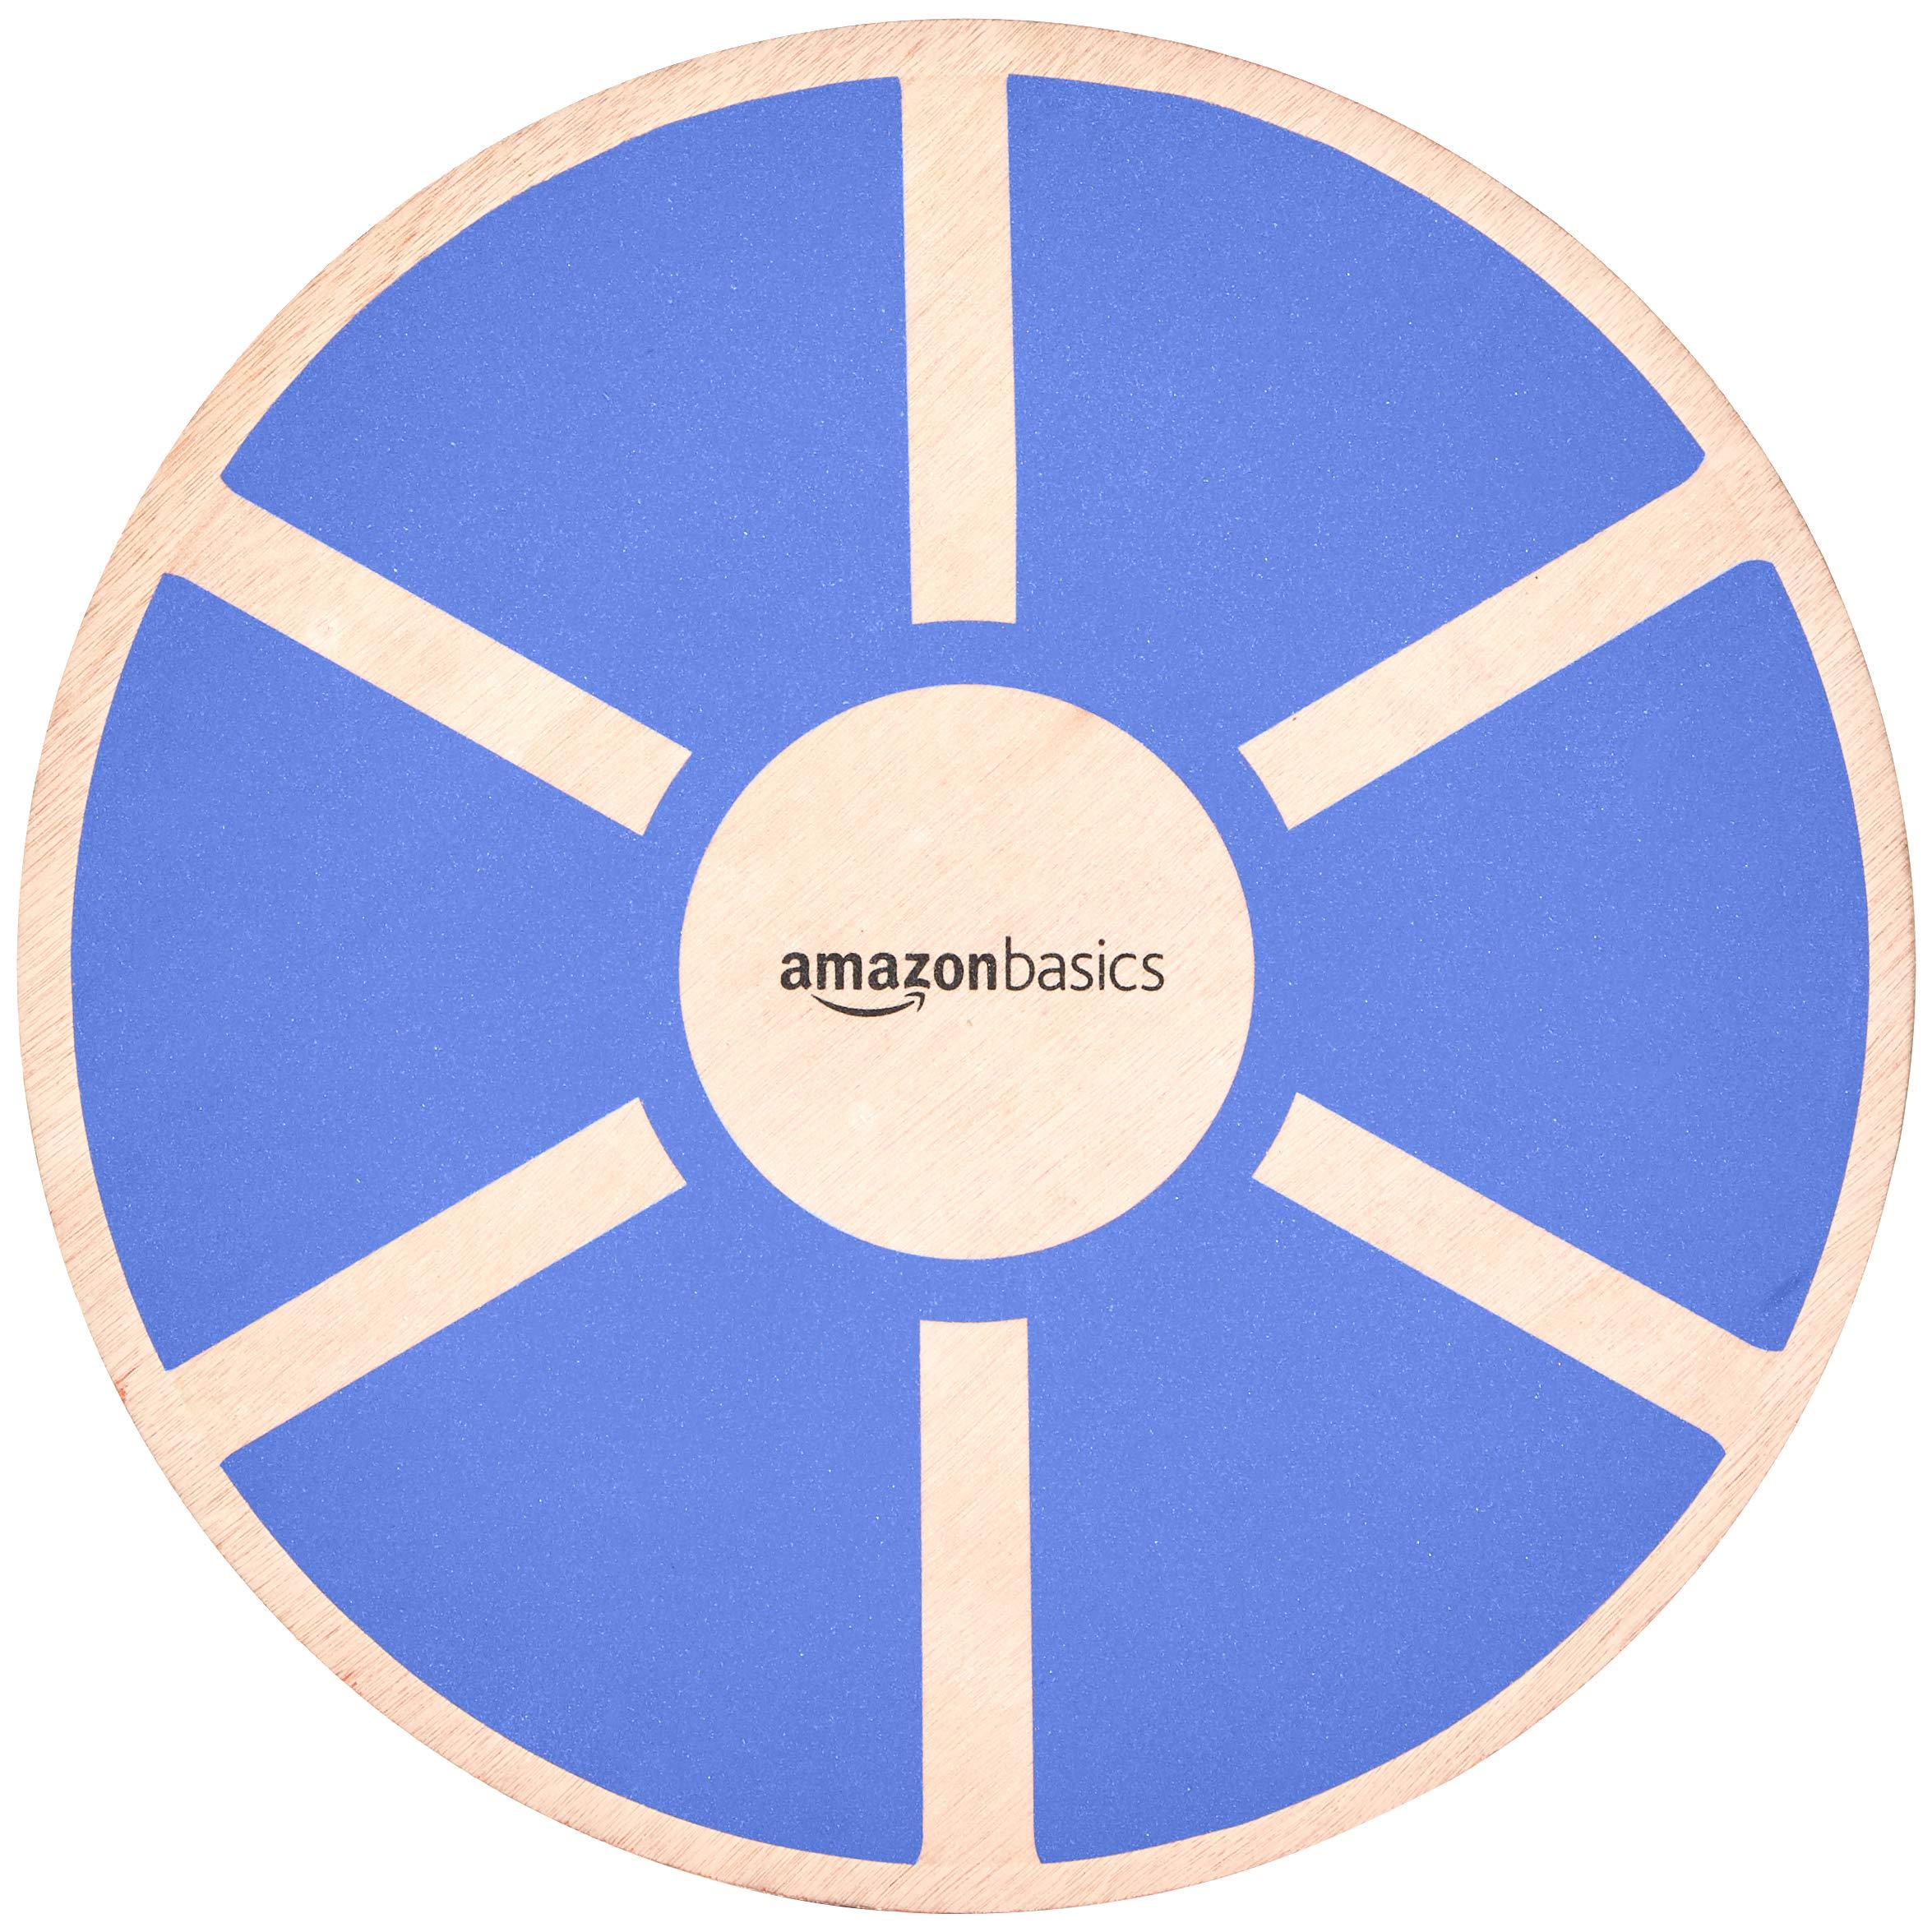 Amazon Basics Wood Wobble Exercise Balance Board